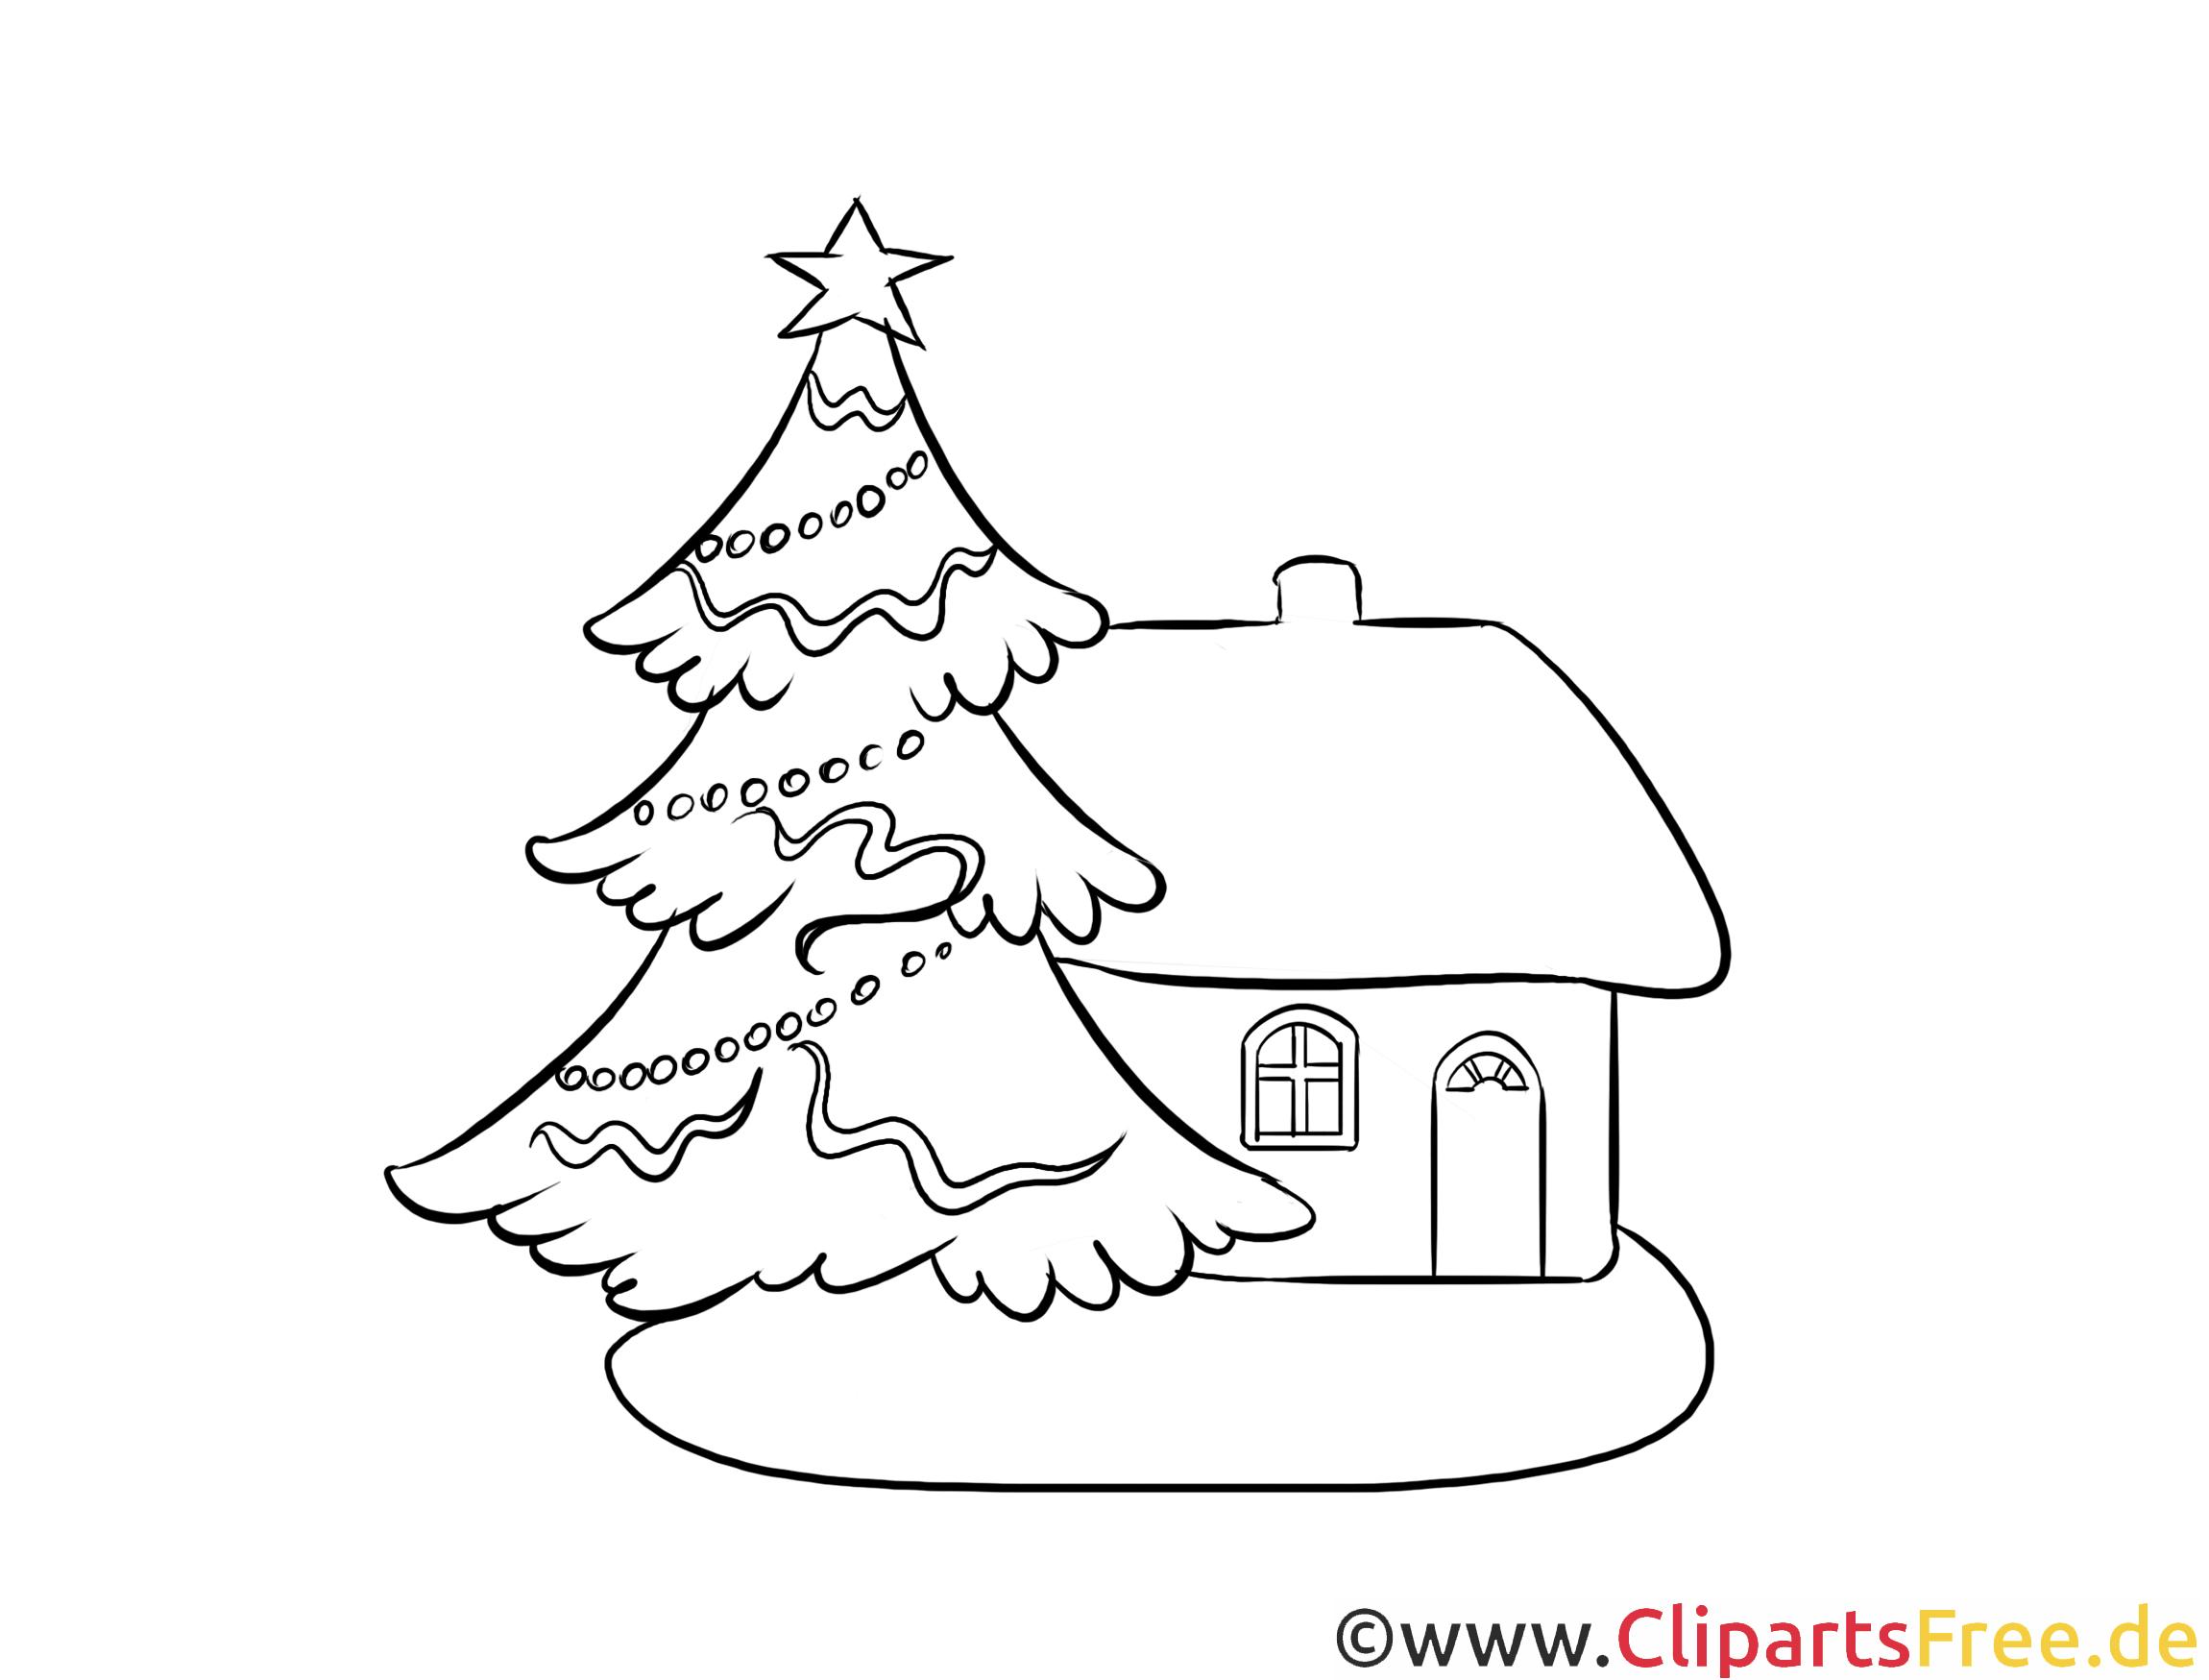 dekupiers ge vorlage zum ausdrucken zu weihnachten. Black Bedroom Furniture Sets. Home Design Ideas